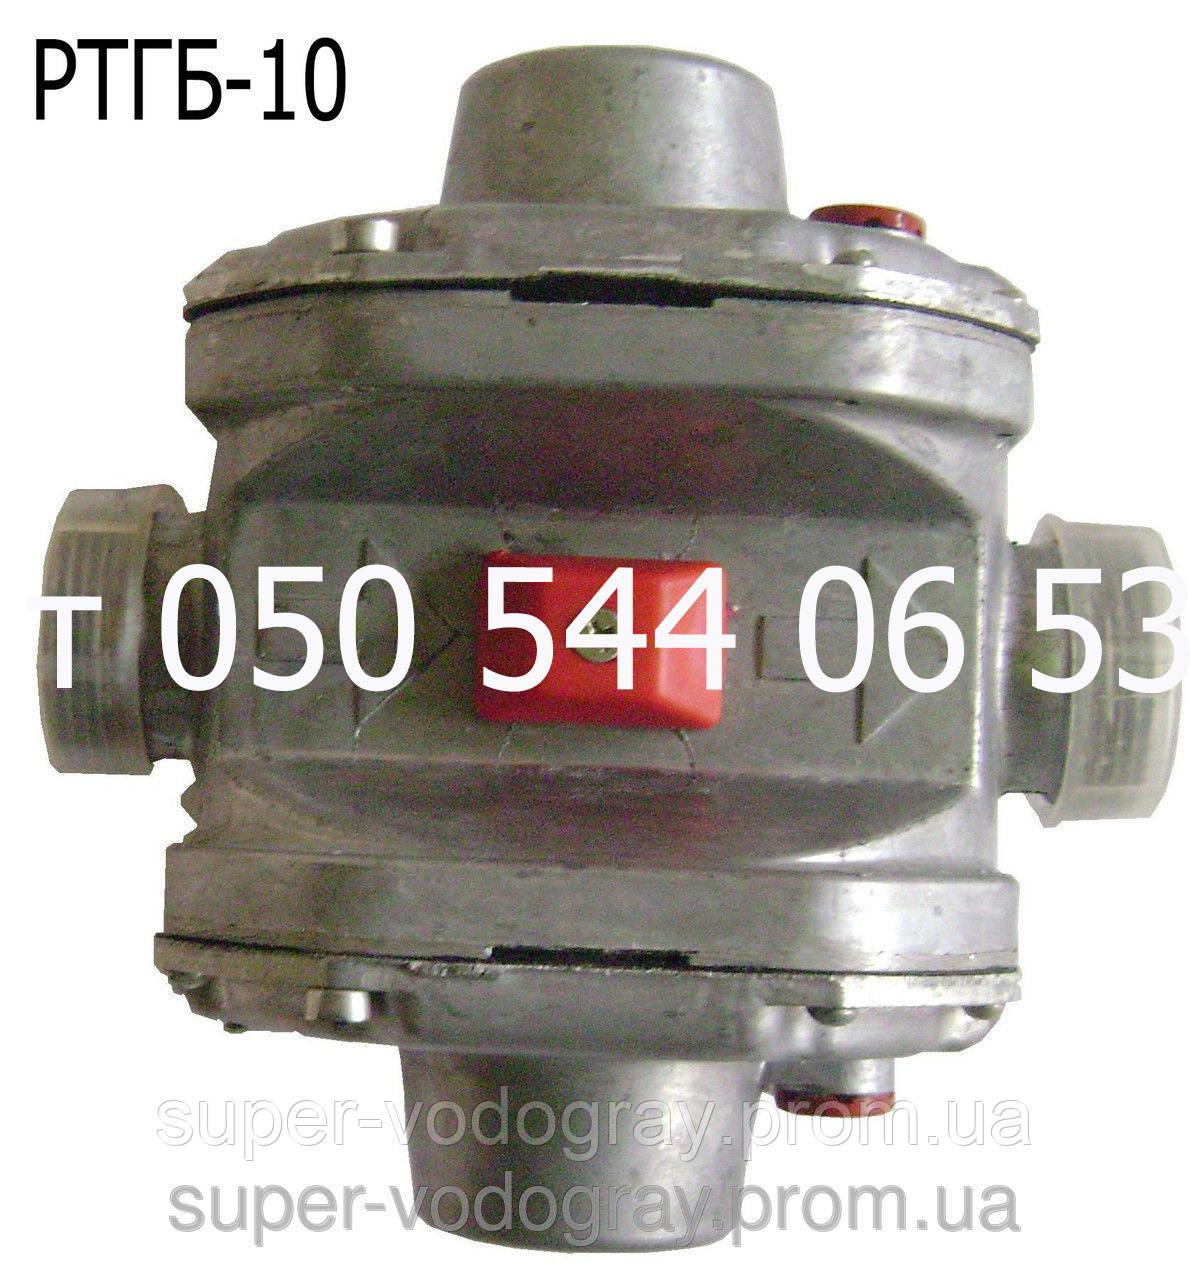 купить регулятор давления газа ртгб 10